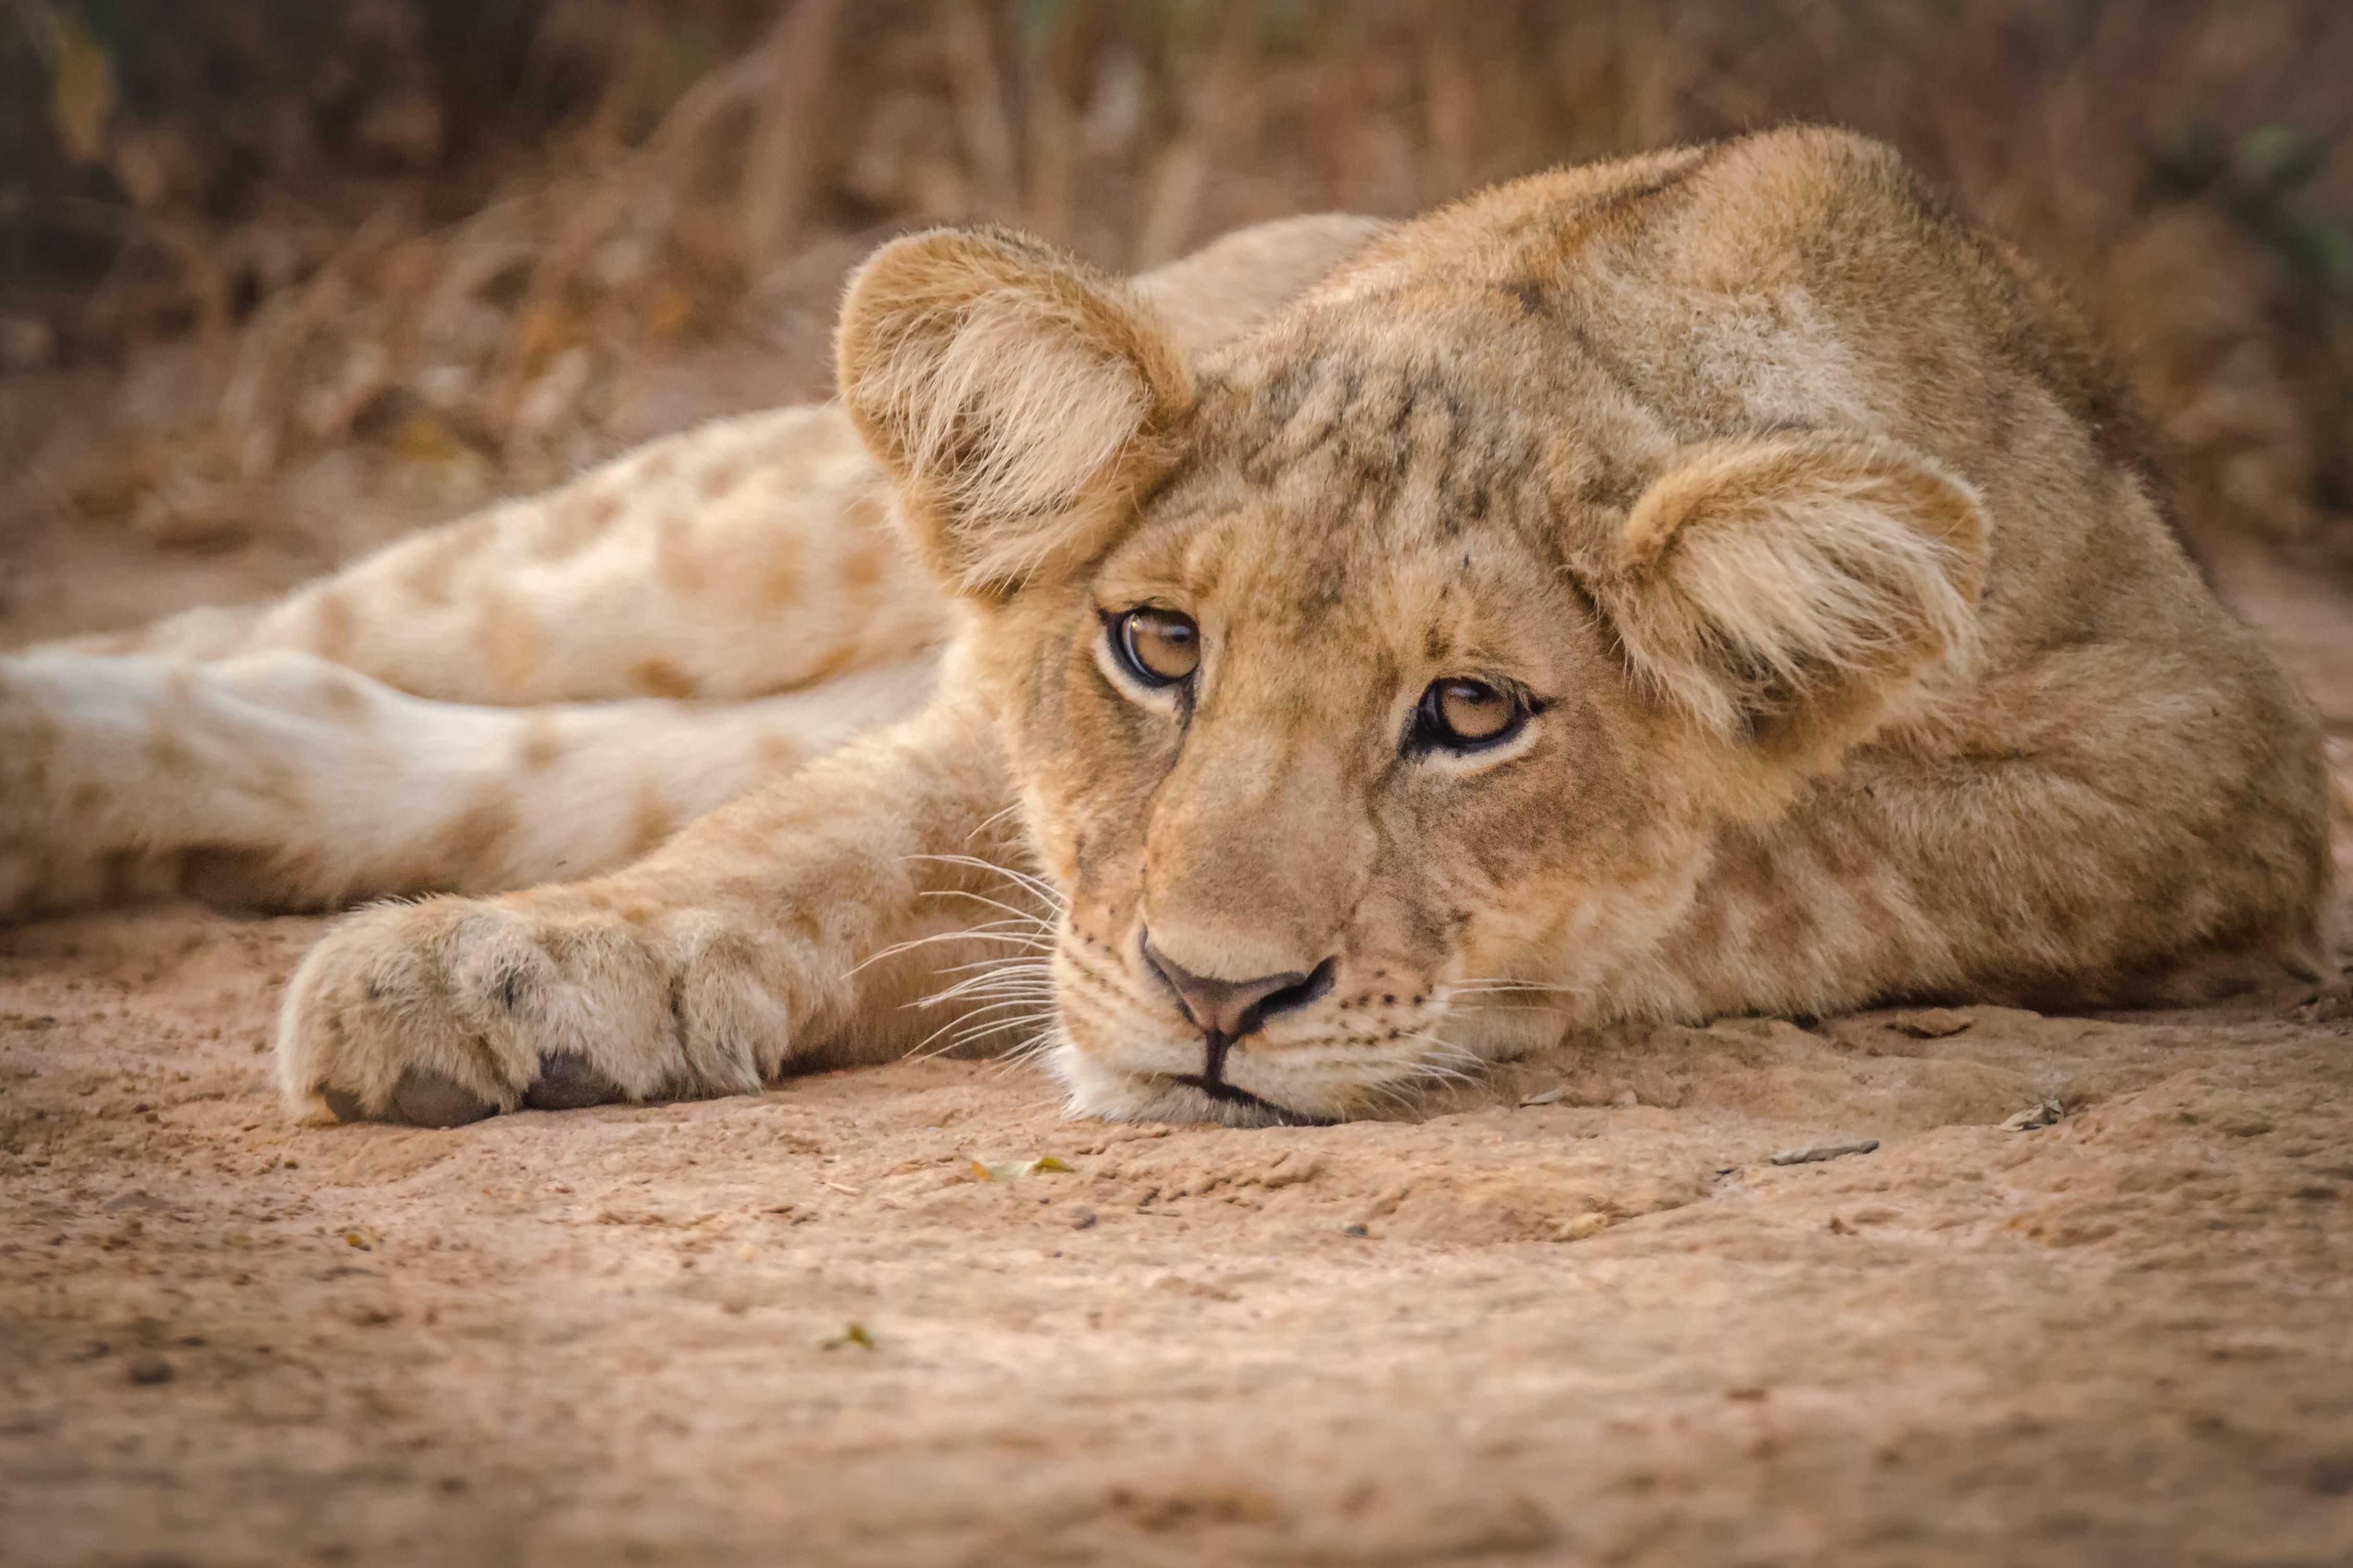 Kleiner Löwen Murchison Falls Nationalpark